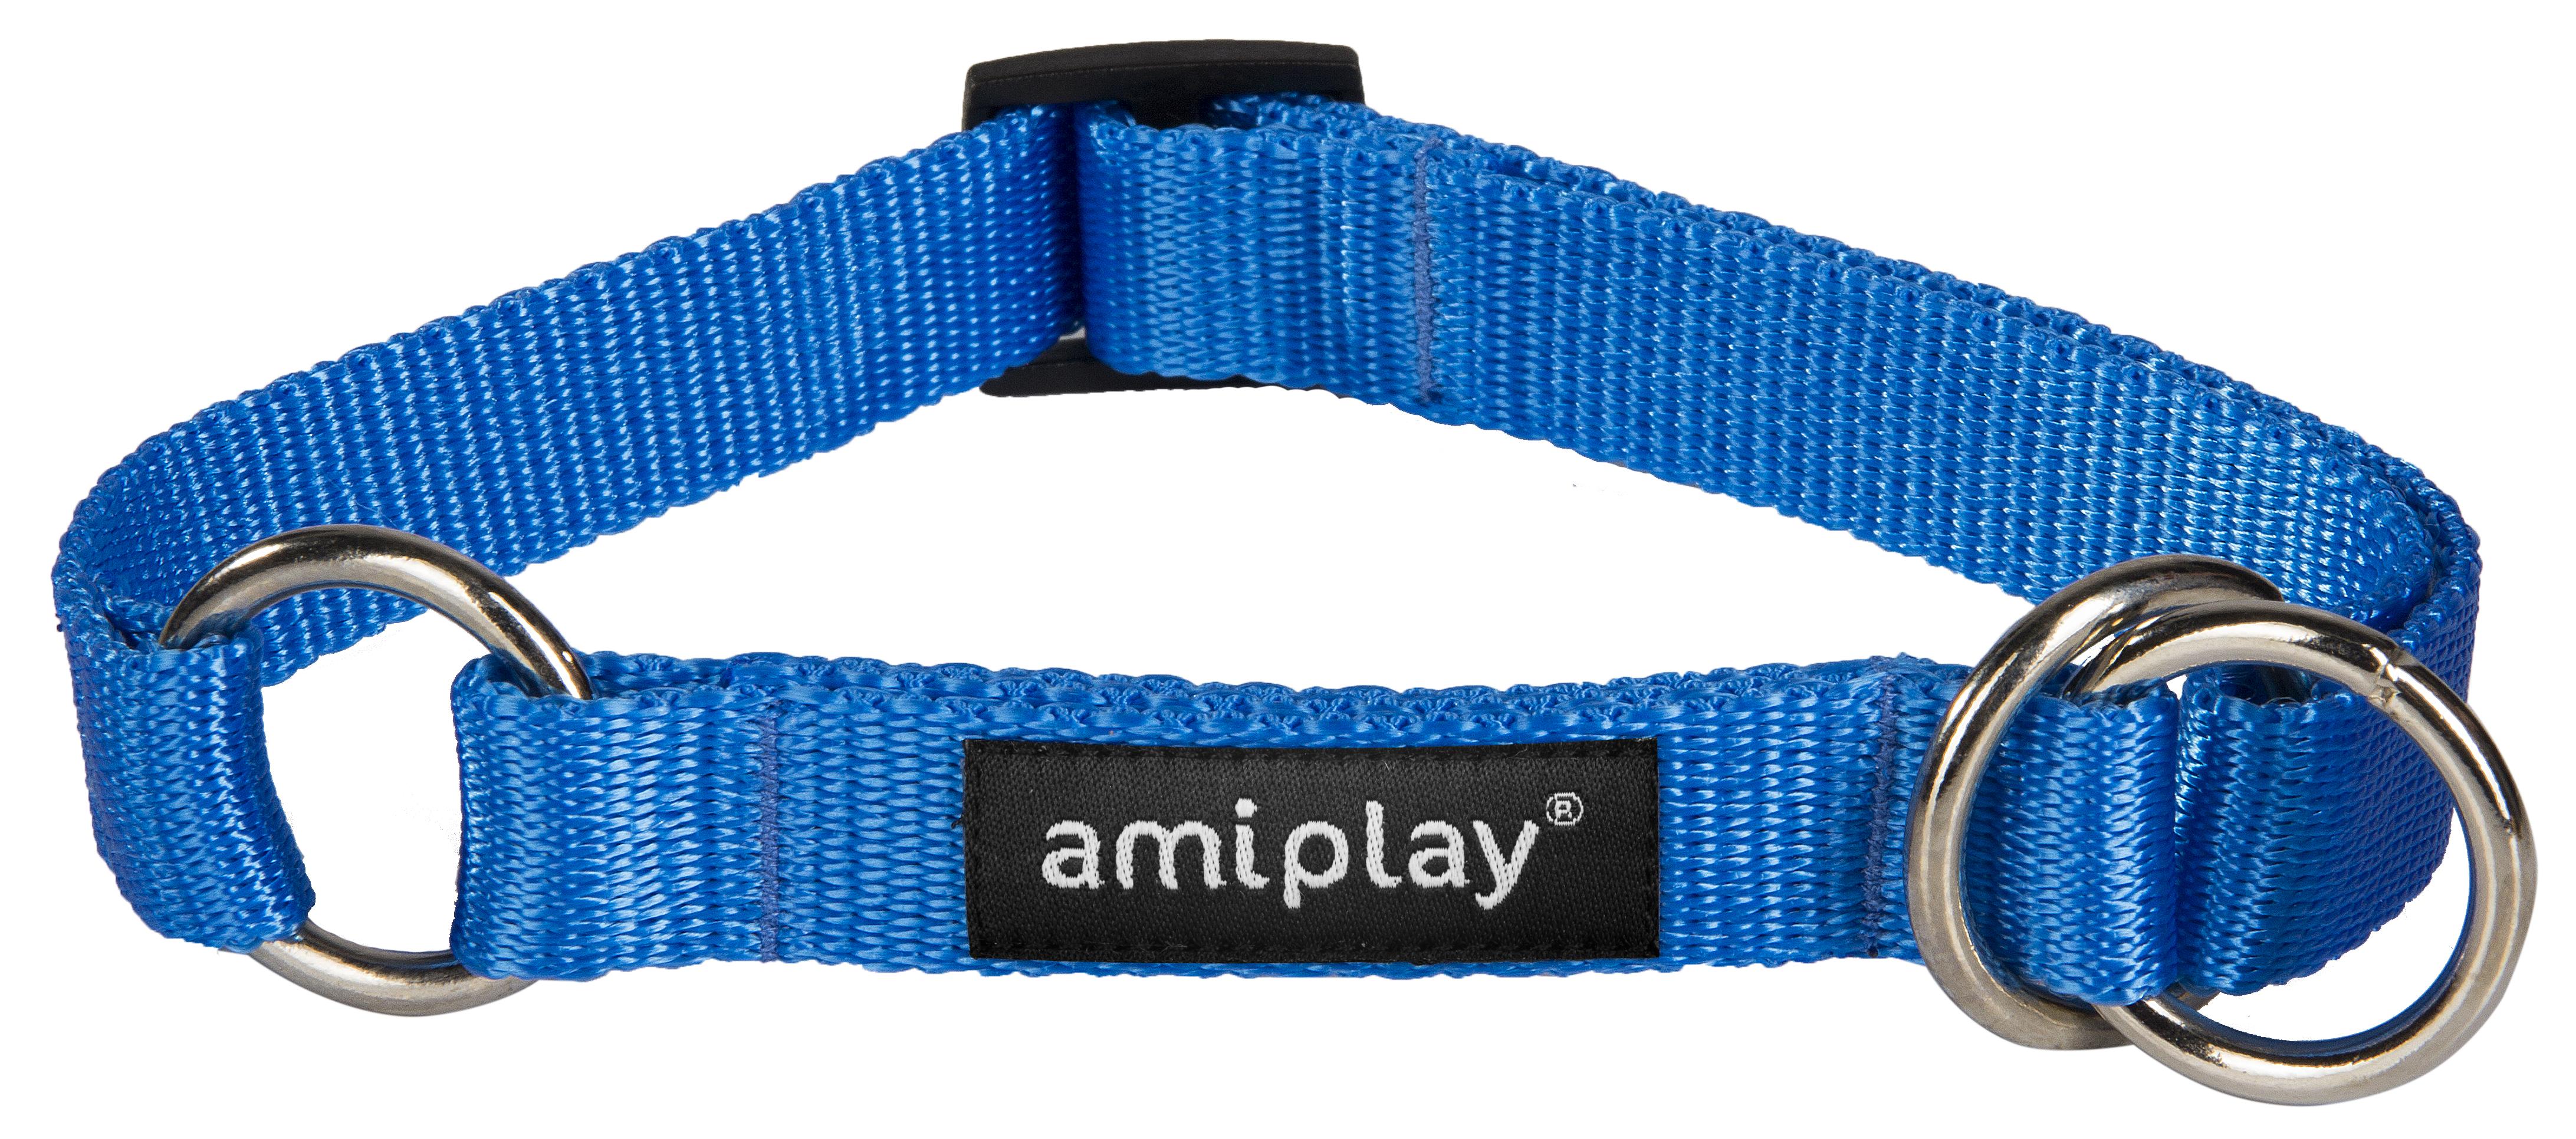 Obojek pro psa polostahovací nylonový - modrý - 2 x 35 - 50 cm